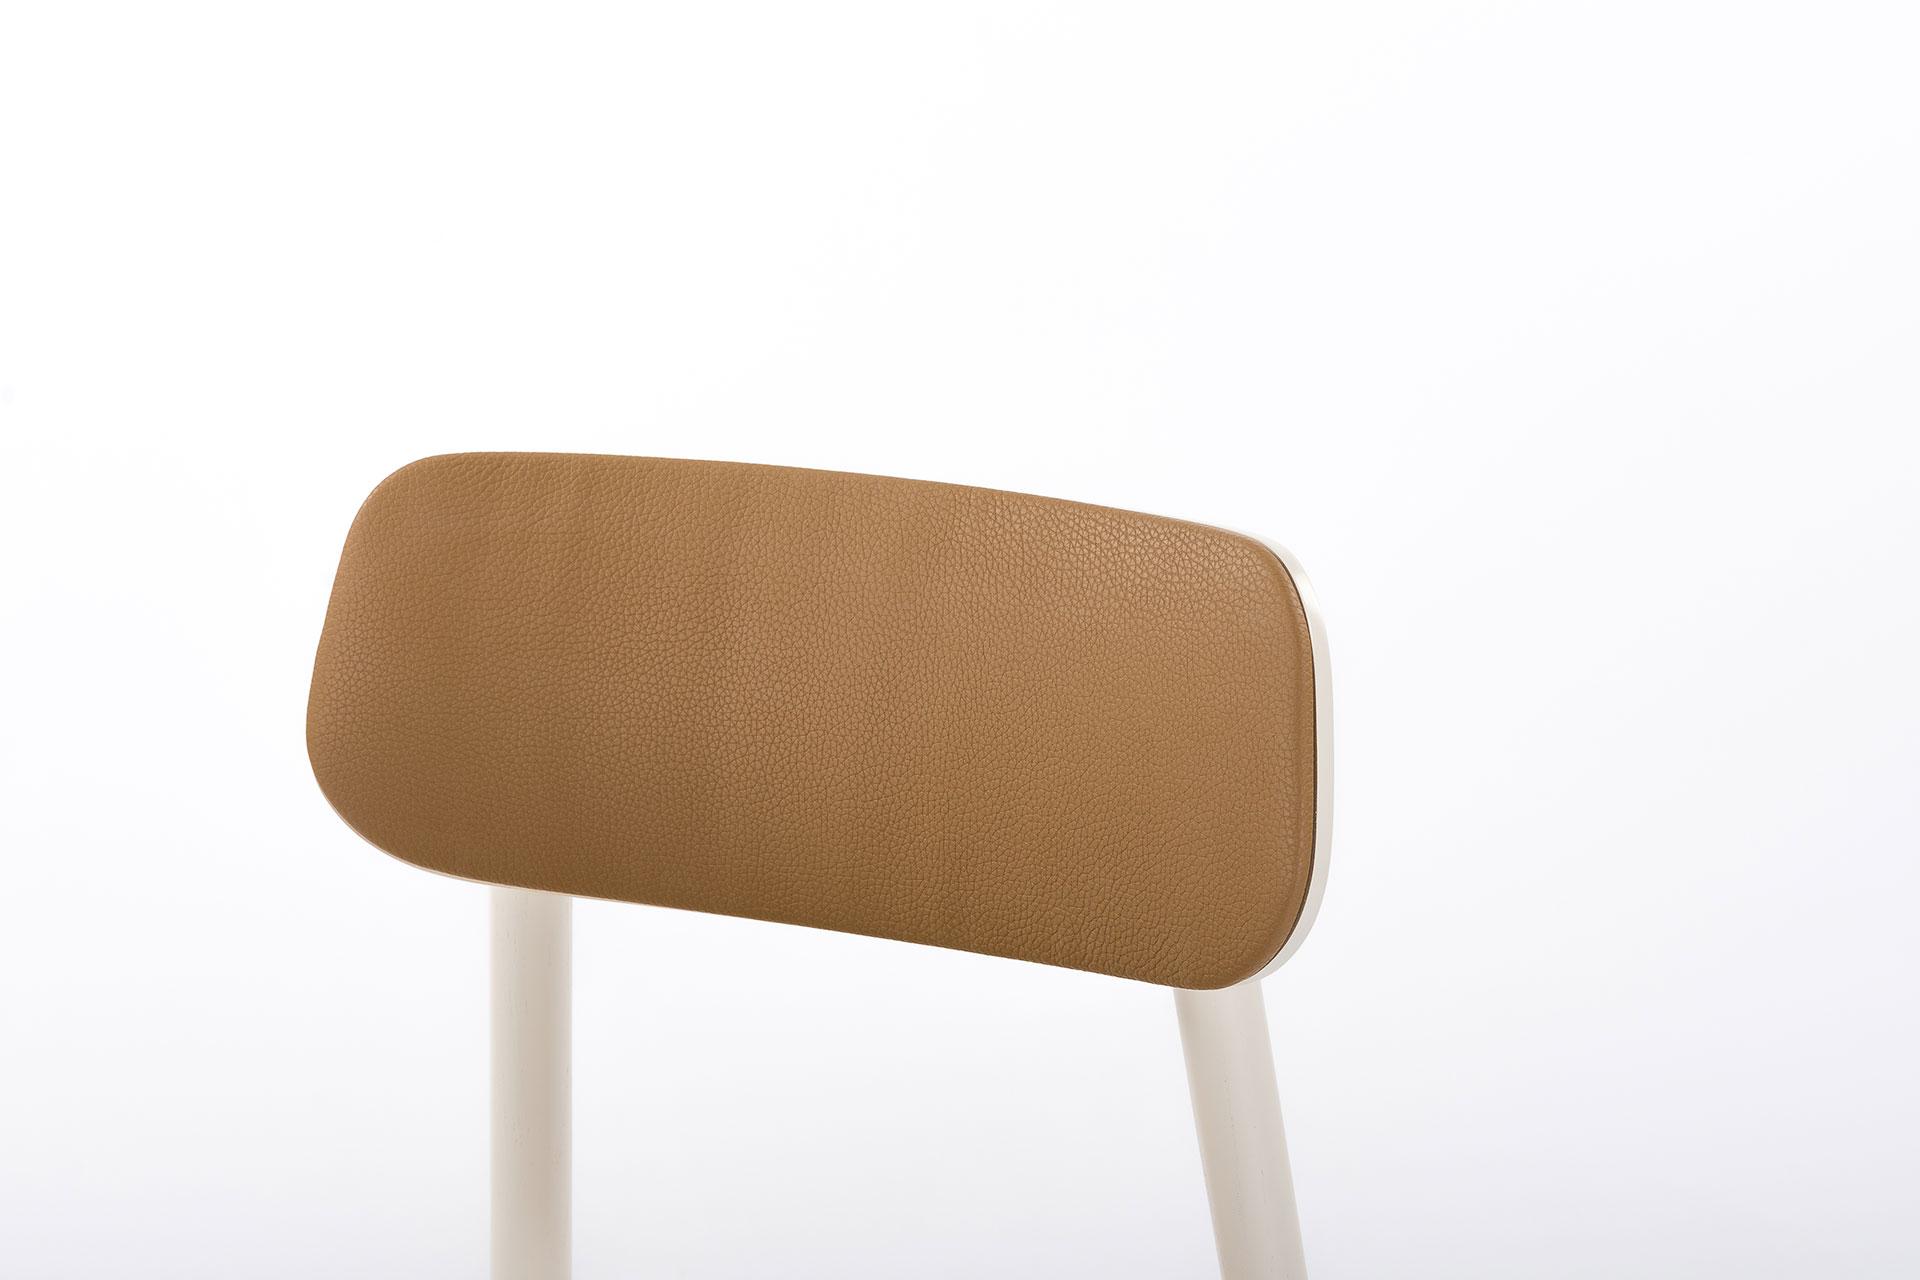 Спинка кухонного стільця Х, з м'якою оббивкю коричневого кольору